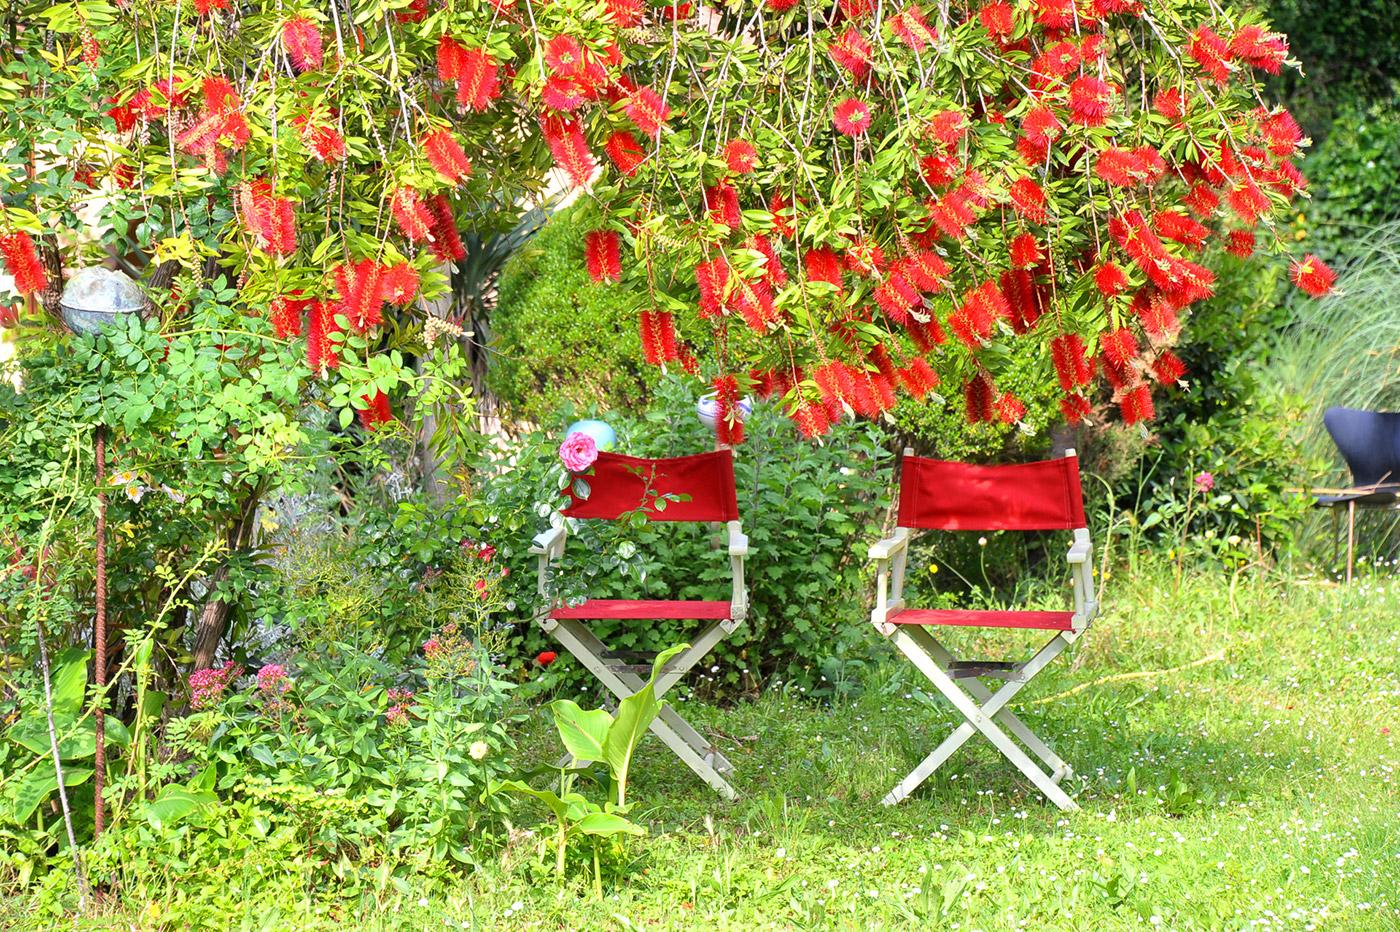 Toskana Urlaub Ferienwohnungen Garten